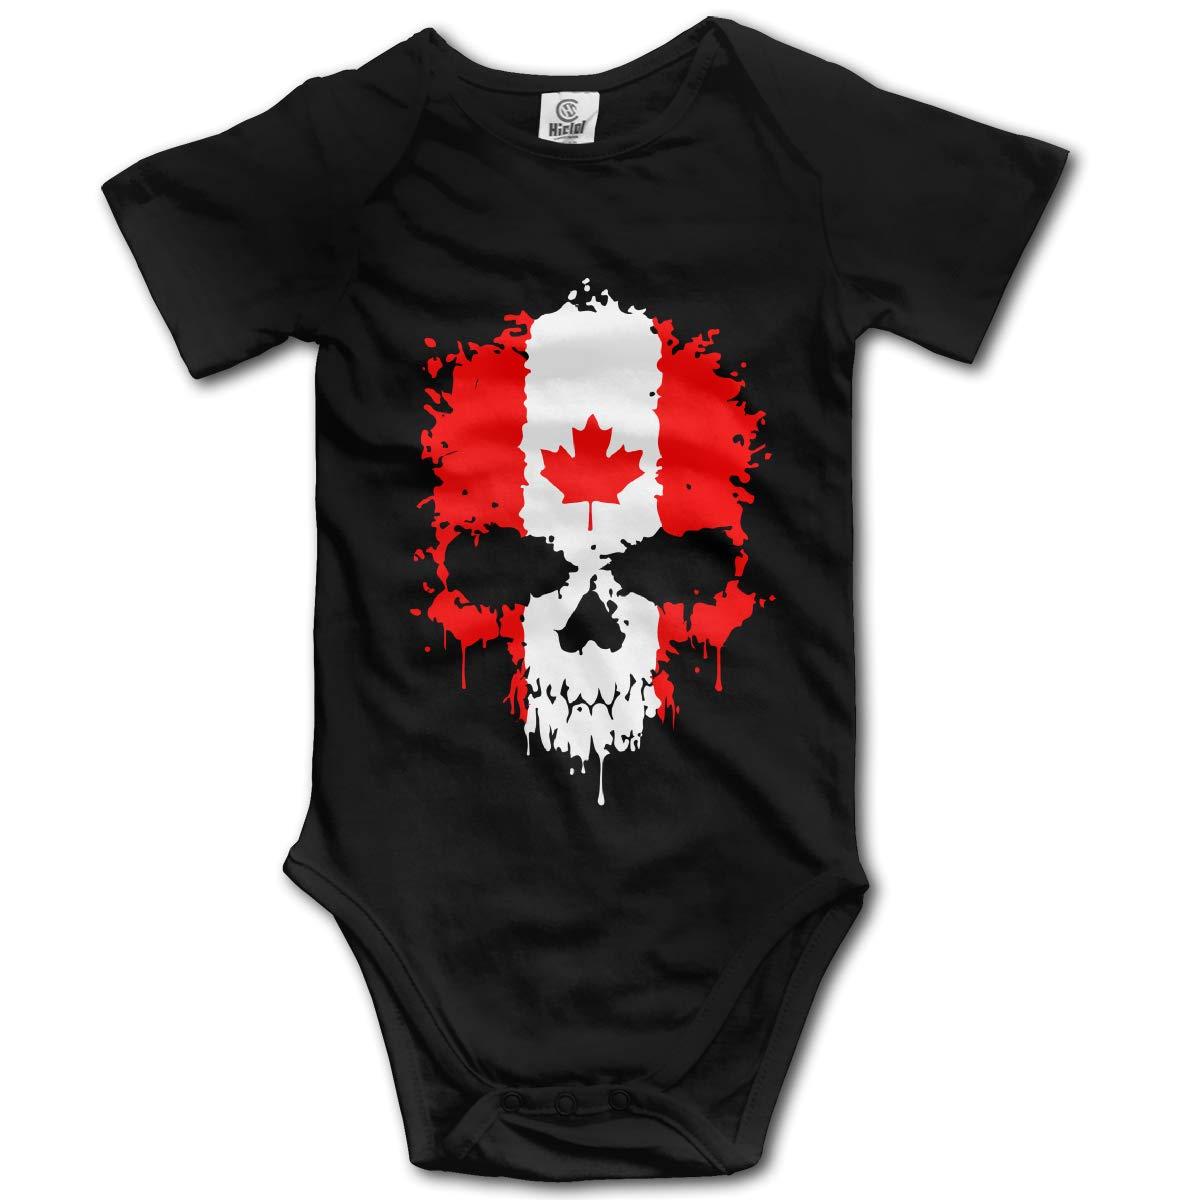 Canadian Flag Skull Kids Girl Boy Short Sleeve Romper Bodysuit Tops 0-24M